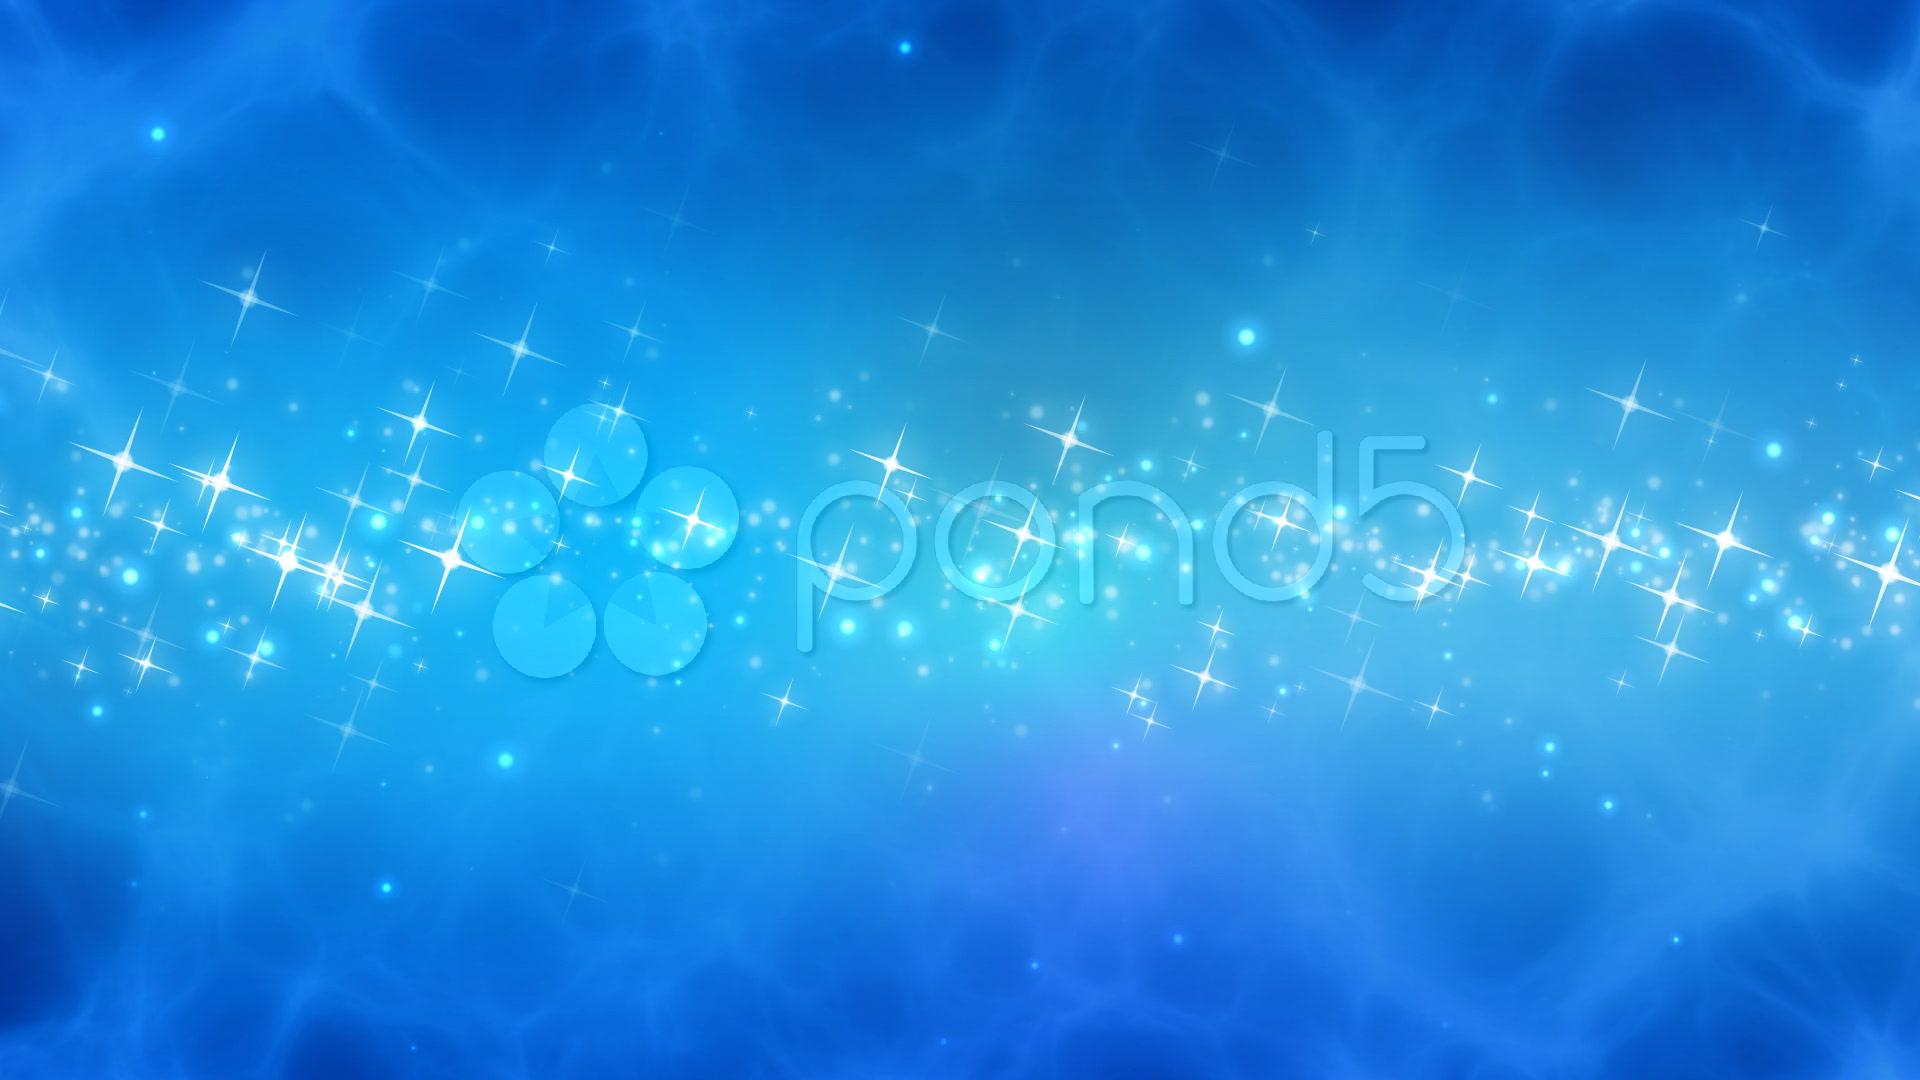 Fondos Estrellas Azul HD